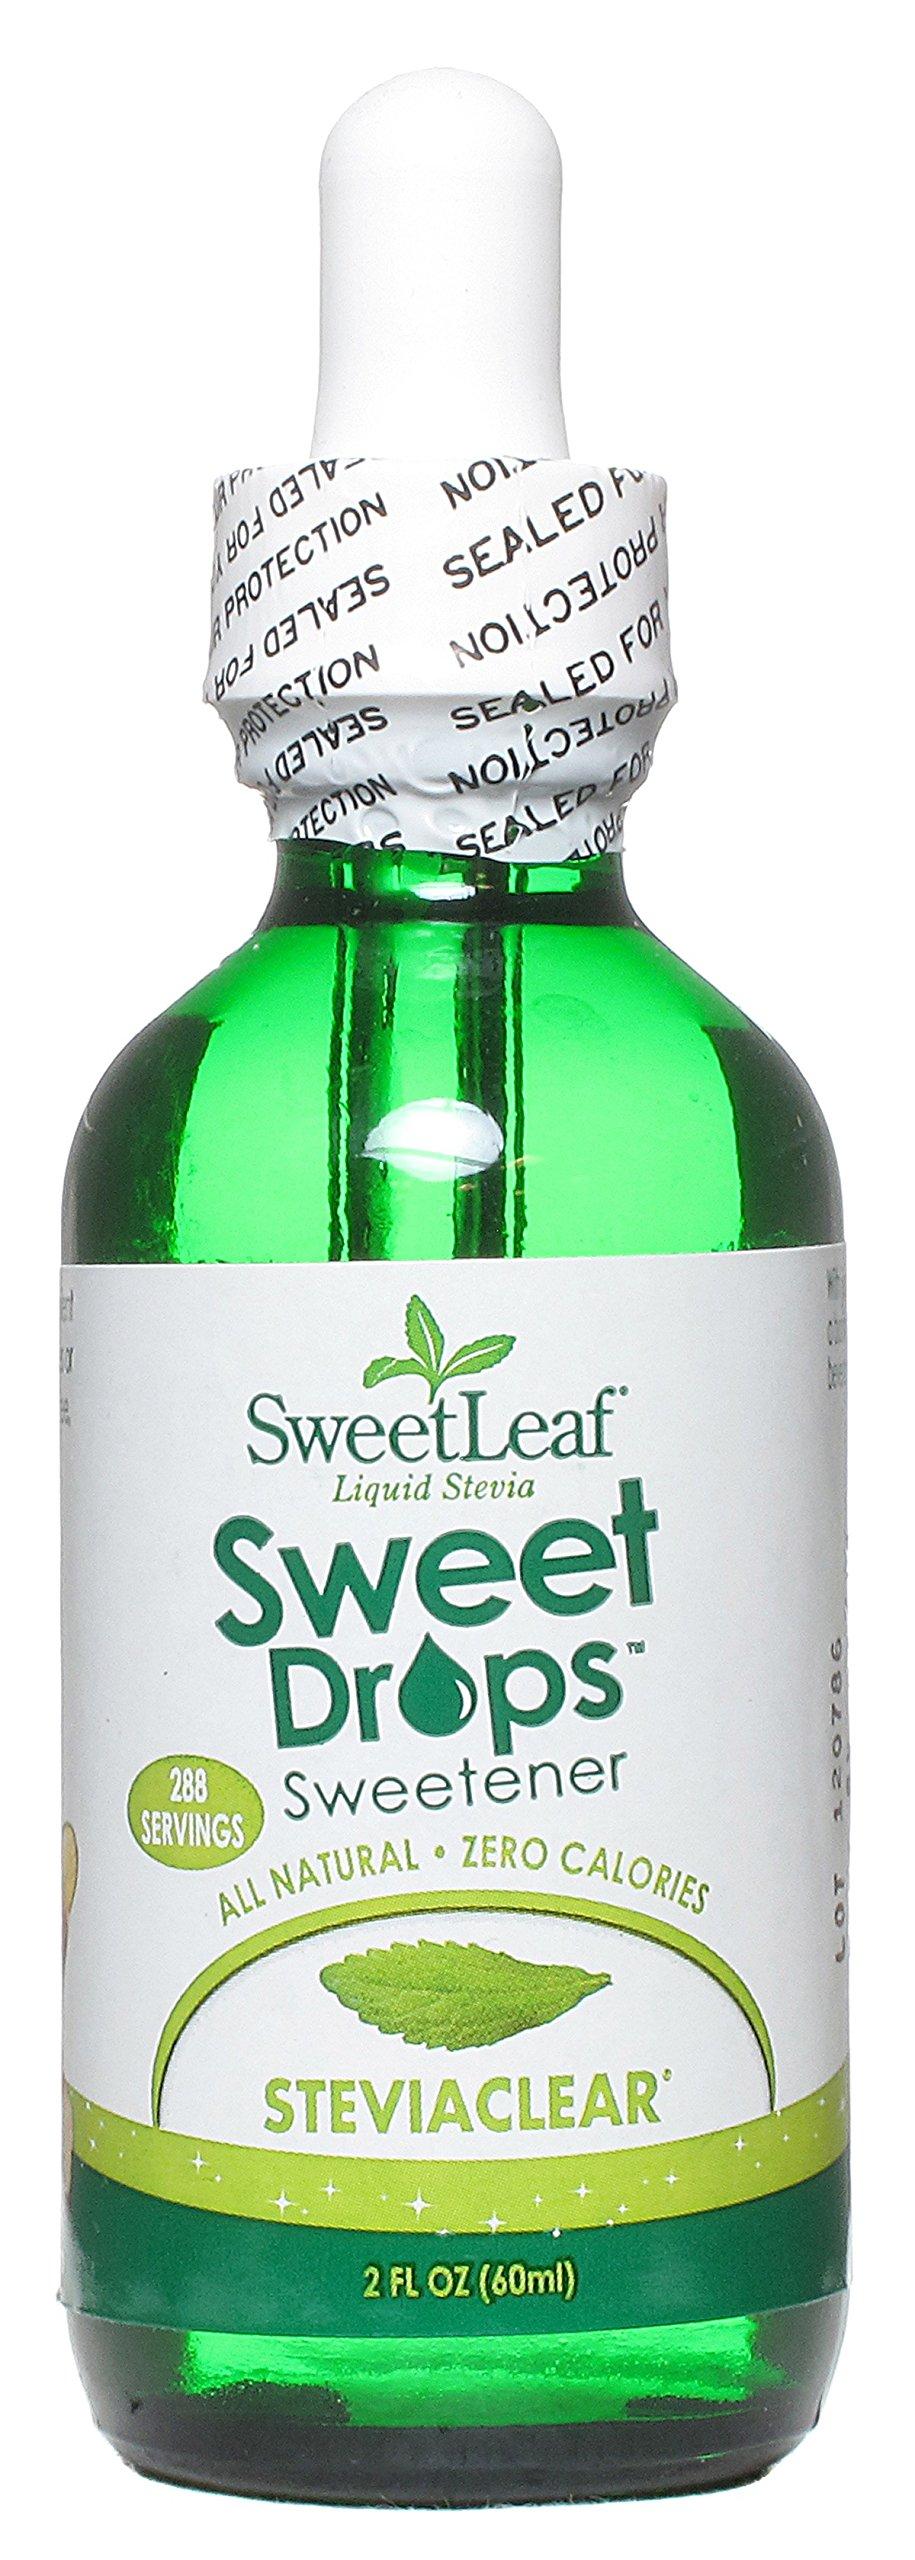 Sweetleaf Stevia Clear Liquid Stevia Clear 2 oz